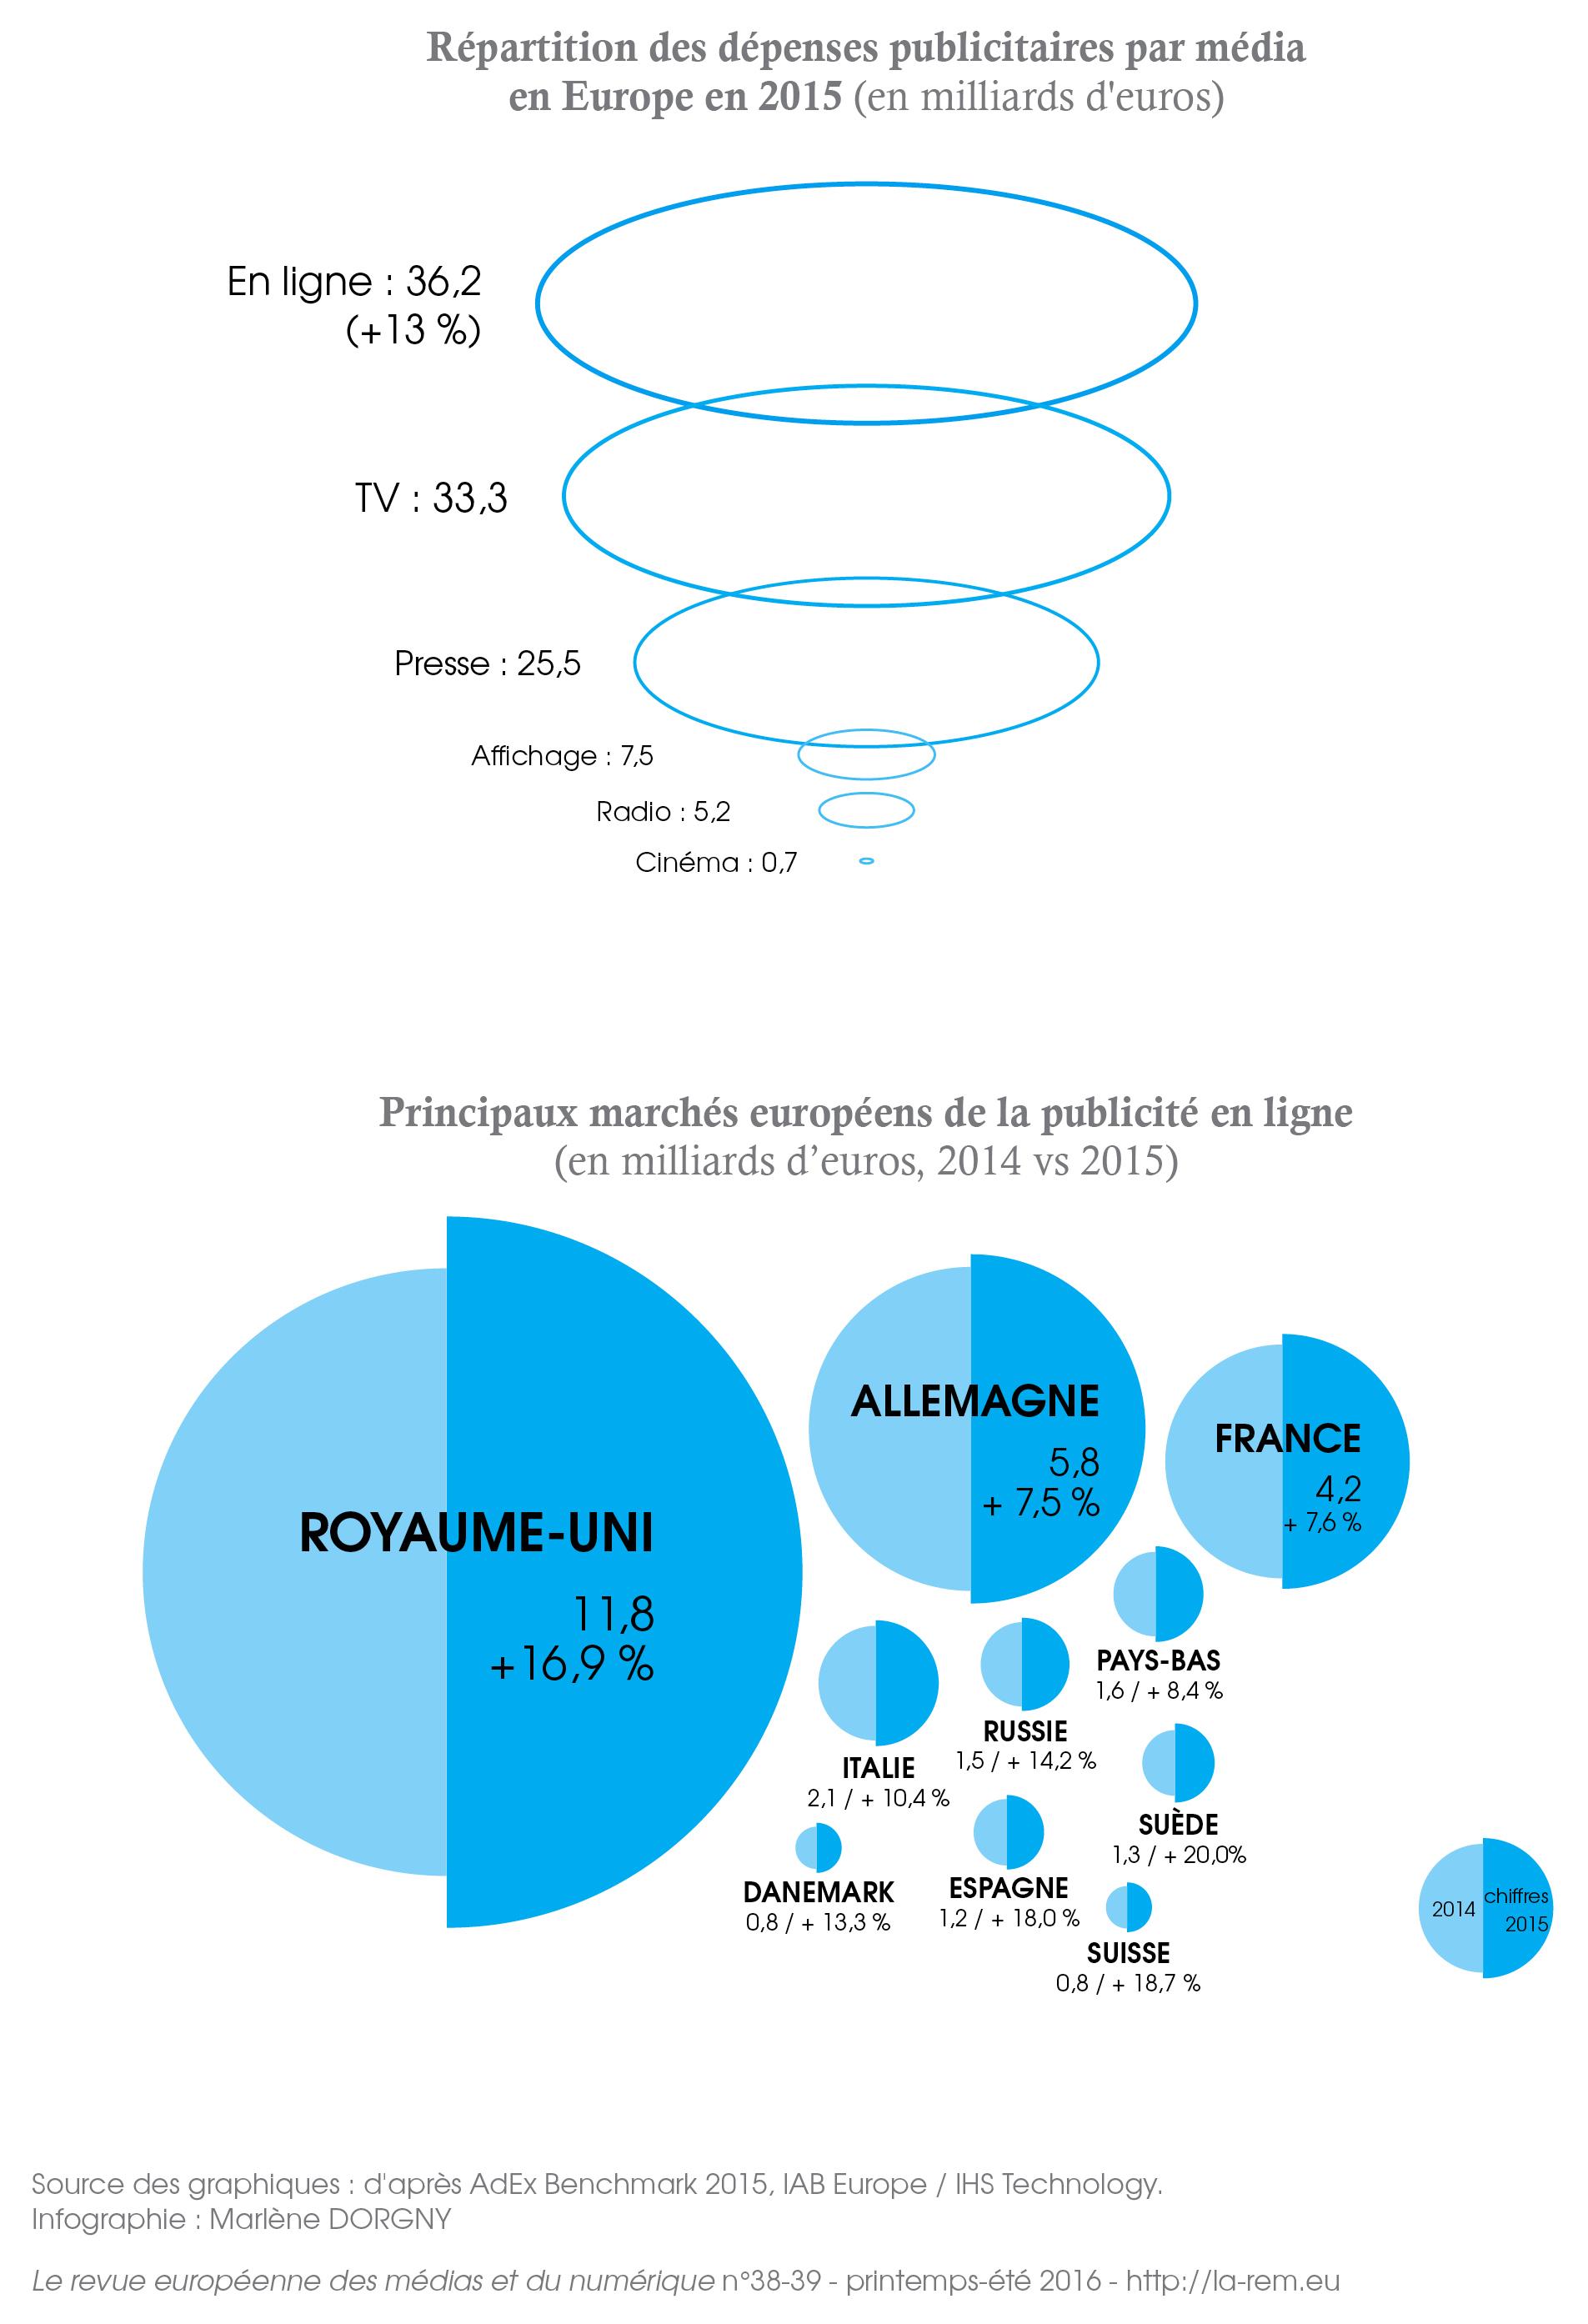 Répartition des dépenses publicitaires par média, Europe, 2015